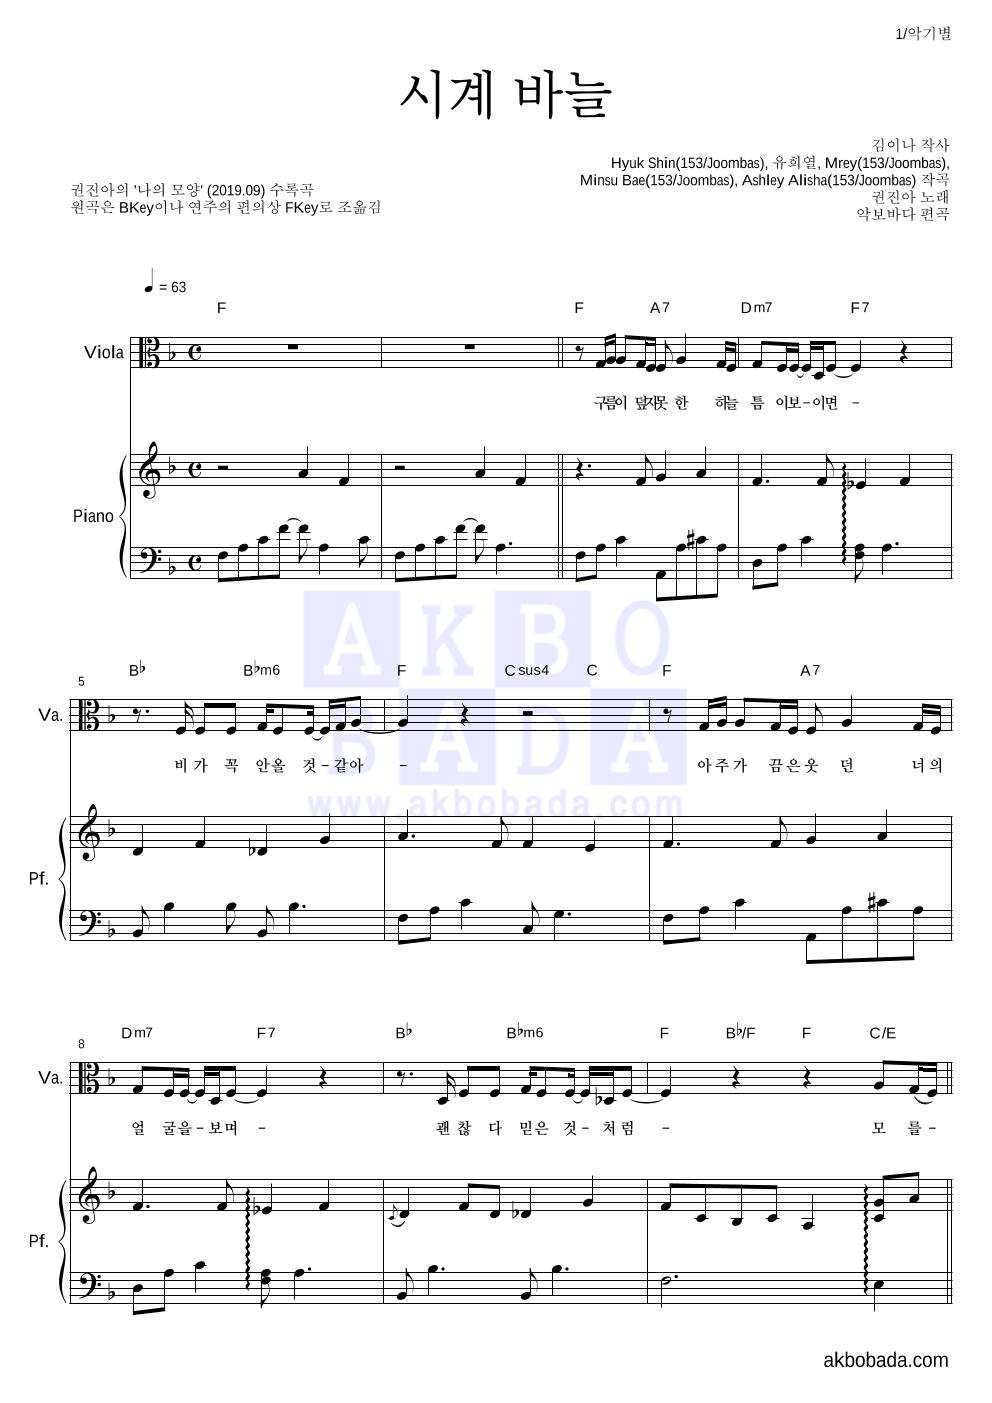 권진아 - 시계 바늘 비올라&피아노 악보